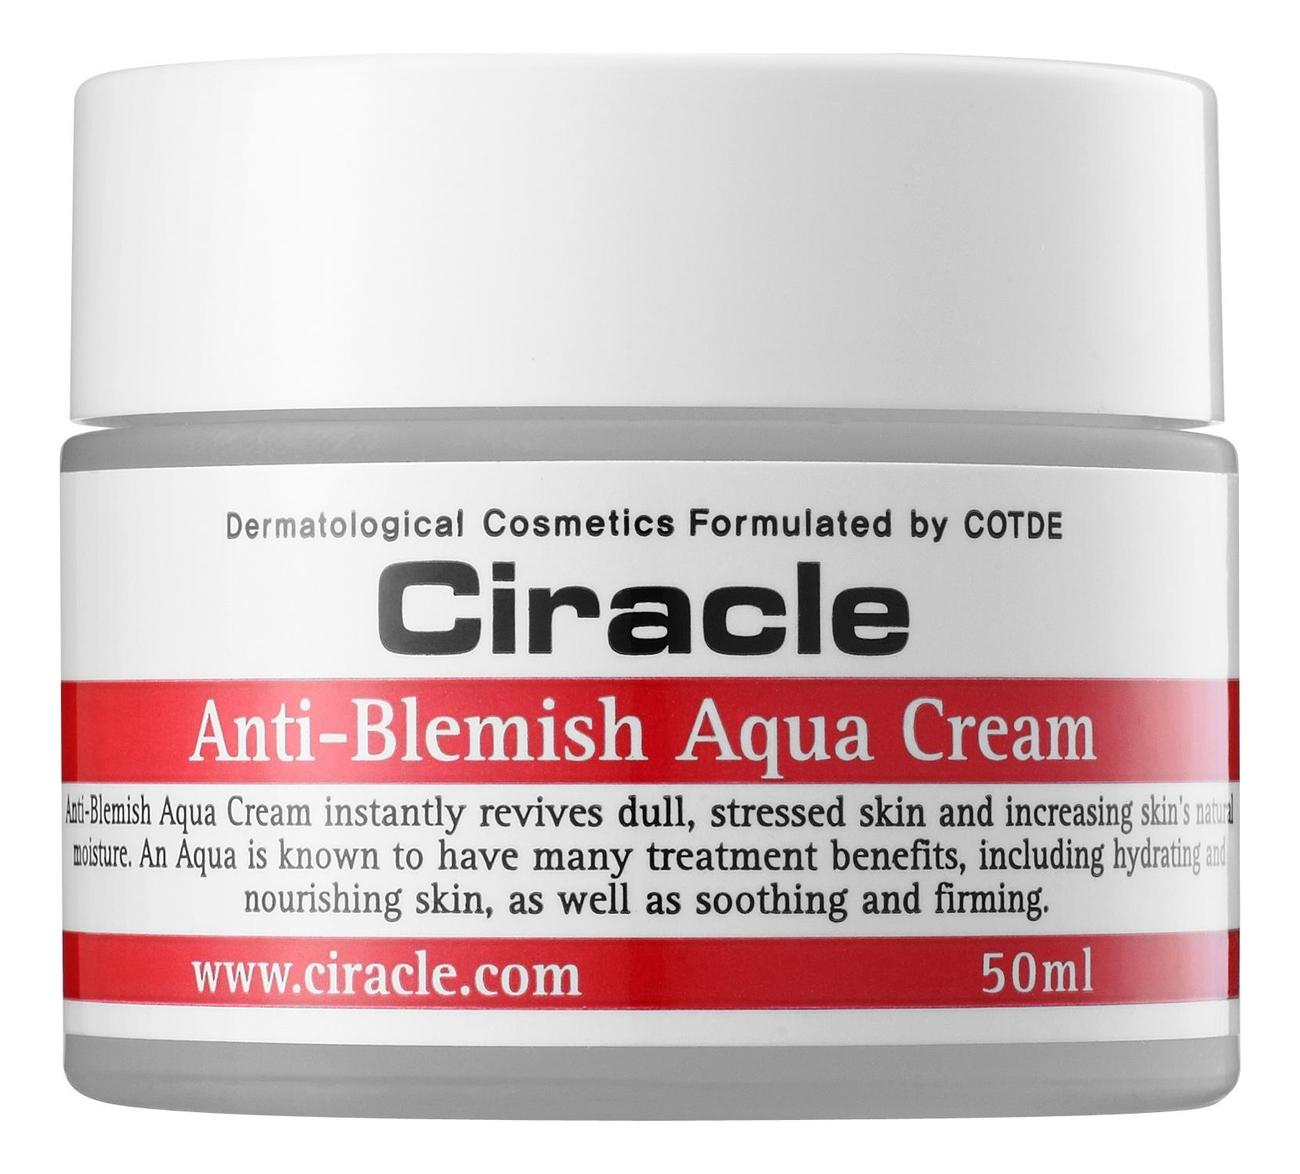 Крем для лица увлажняющий Anti-Blemish Aqua Cream 50мл крем для лица увлажняющий anti blemish aqua cream 50мл